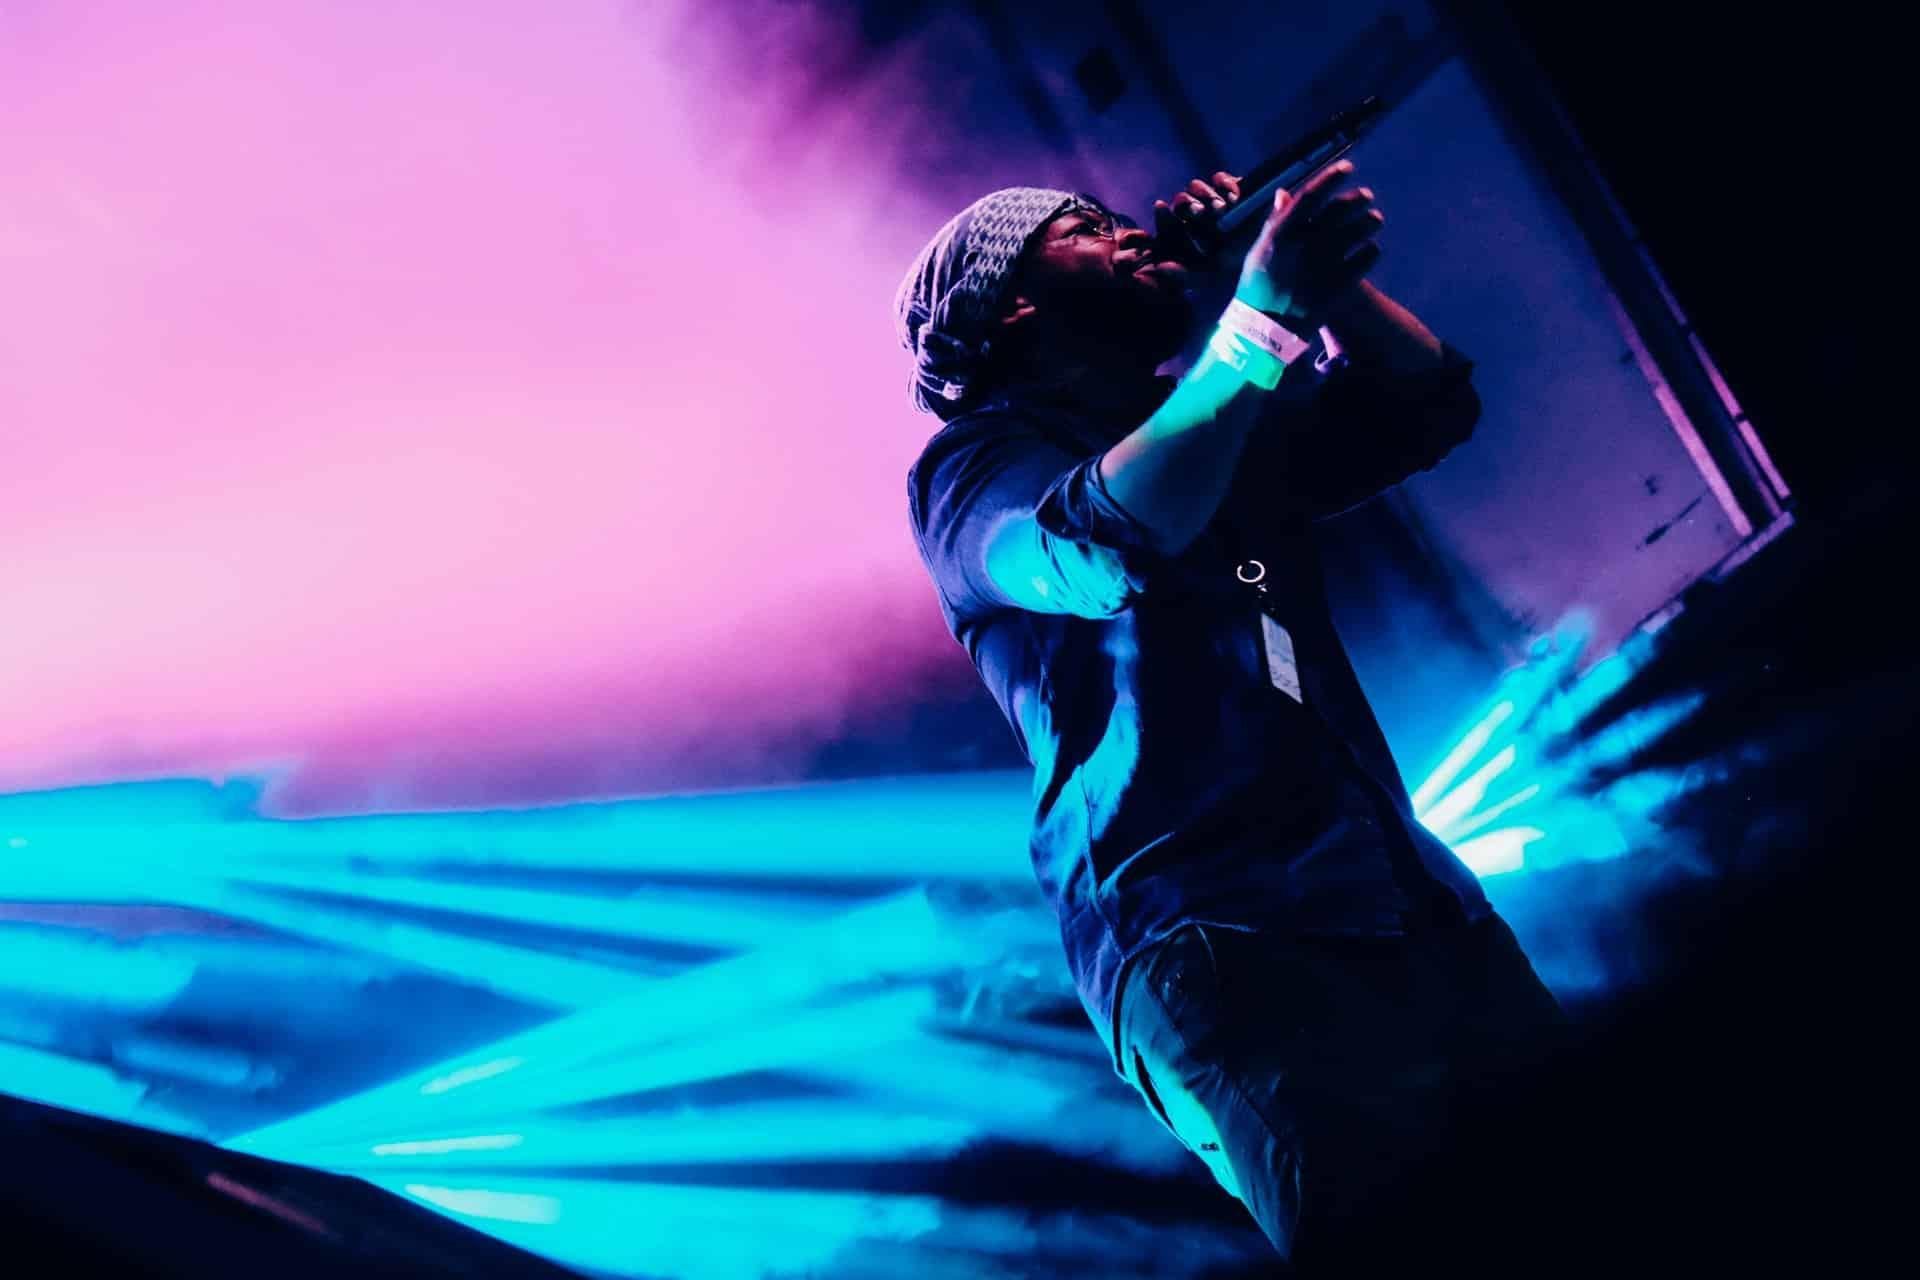 Rap Music Czech Republic Header Image